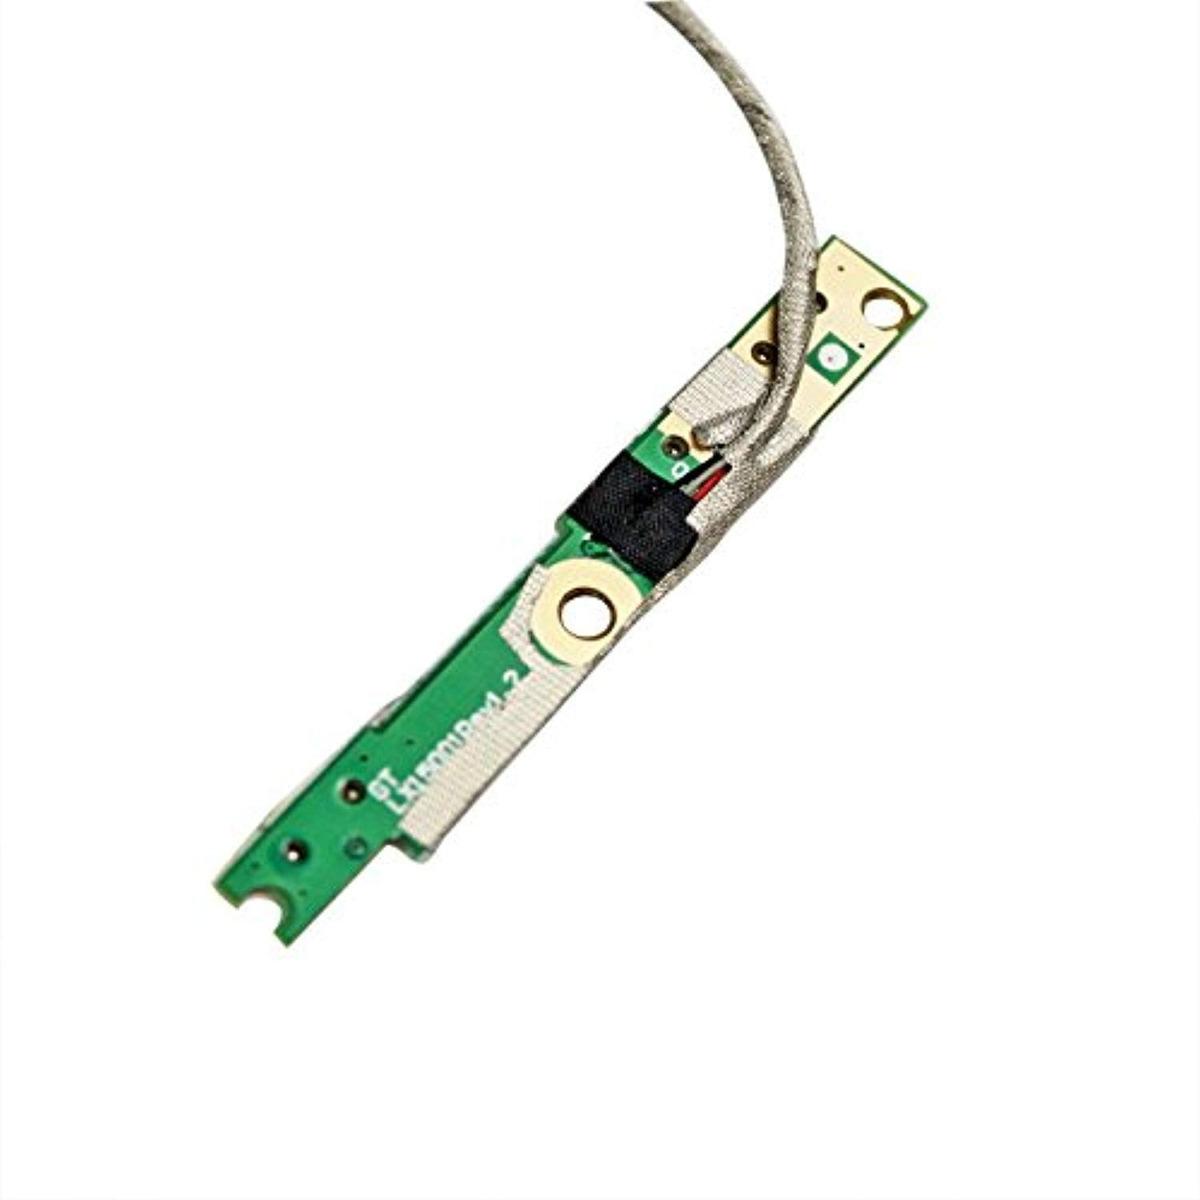 Genuine Dell Inspiron 13 5378 Power Button Board w// Cable 3G1X1 03G1X1